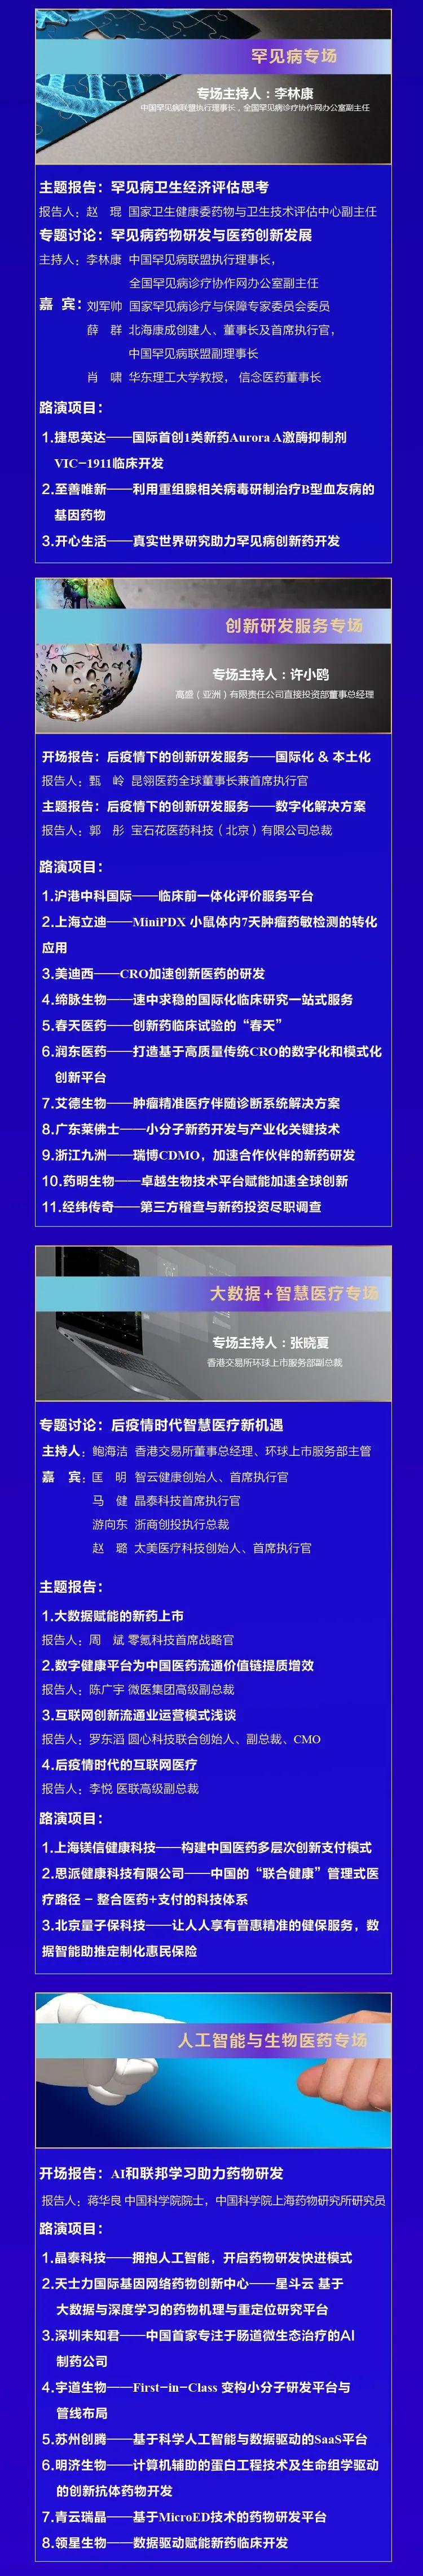 第五届中国医药创新与投资大会开幕式日程 | 大咖云集,华章再谱